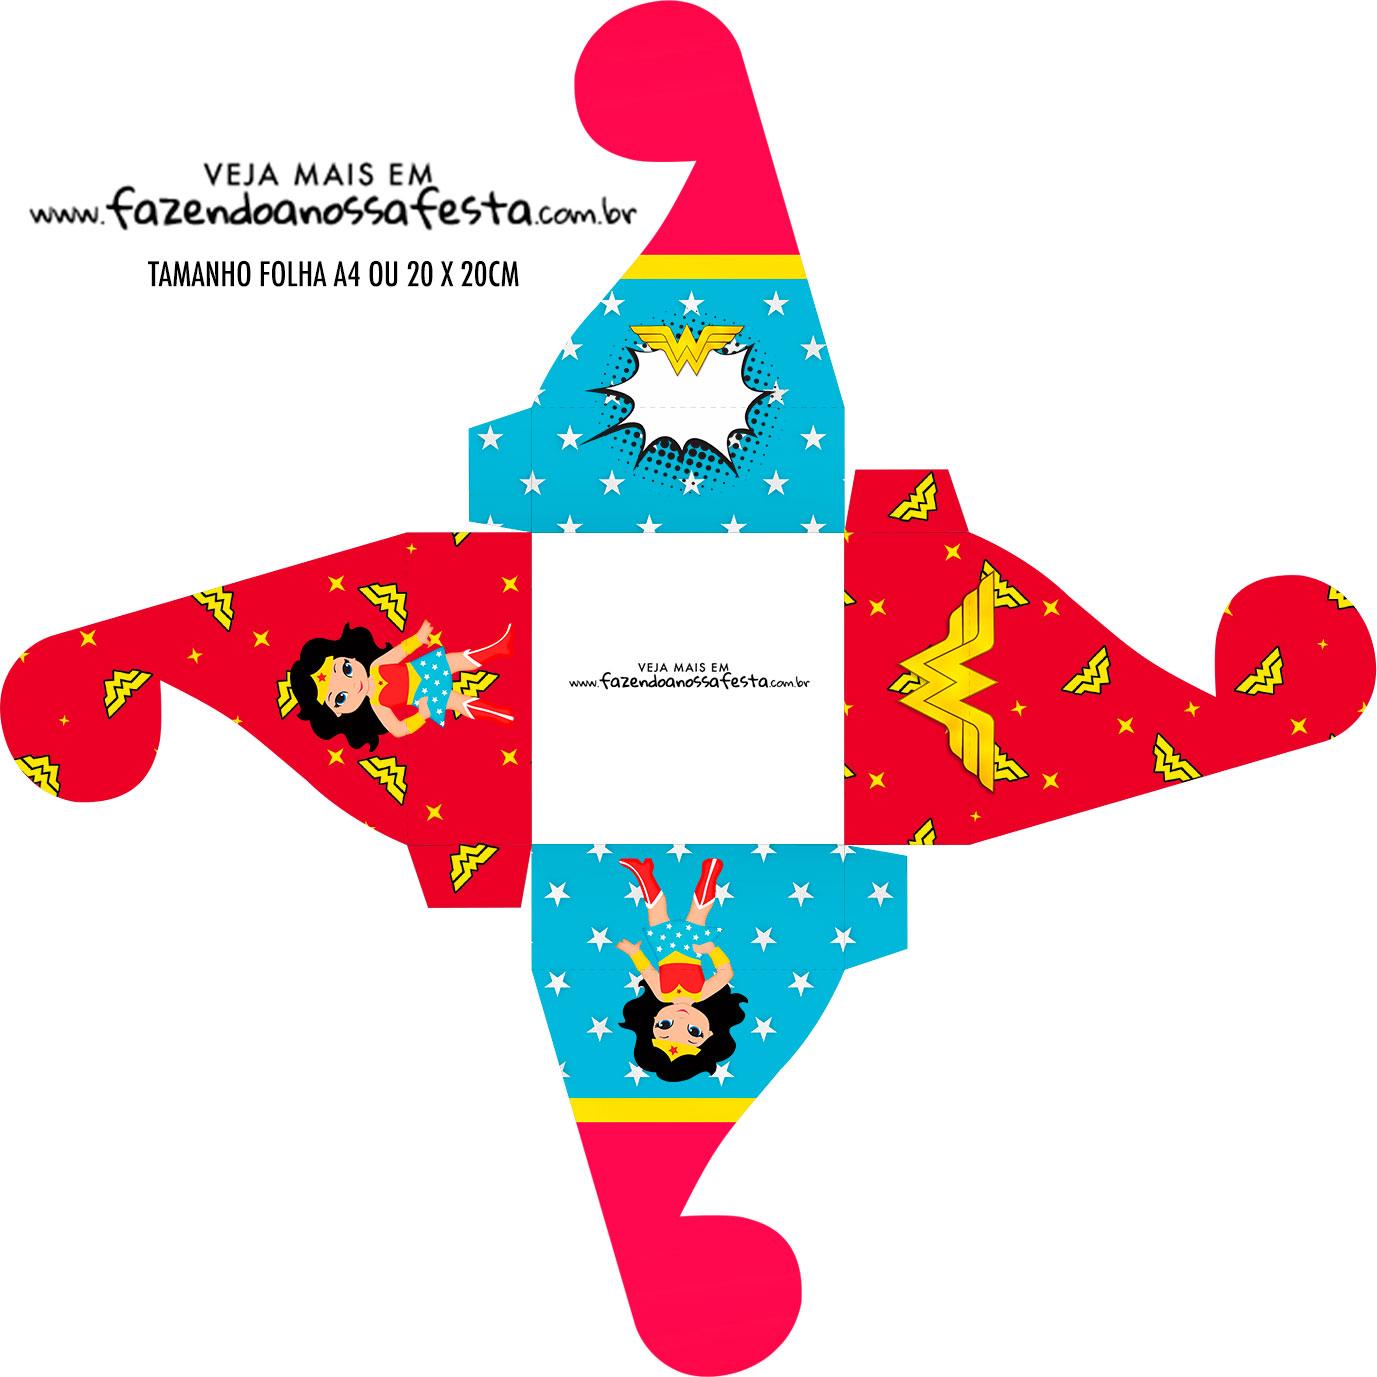 Caixa bombom personalizada Festa Mulher Maravilha cute